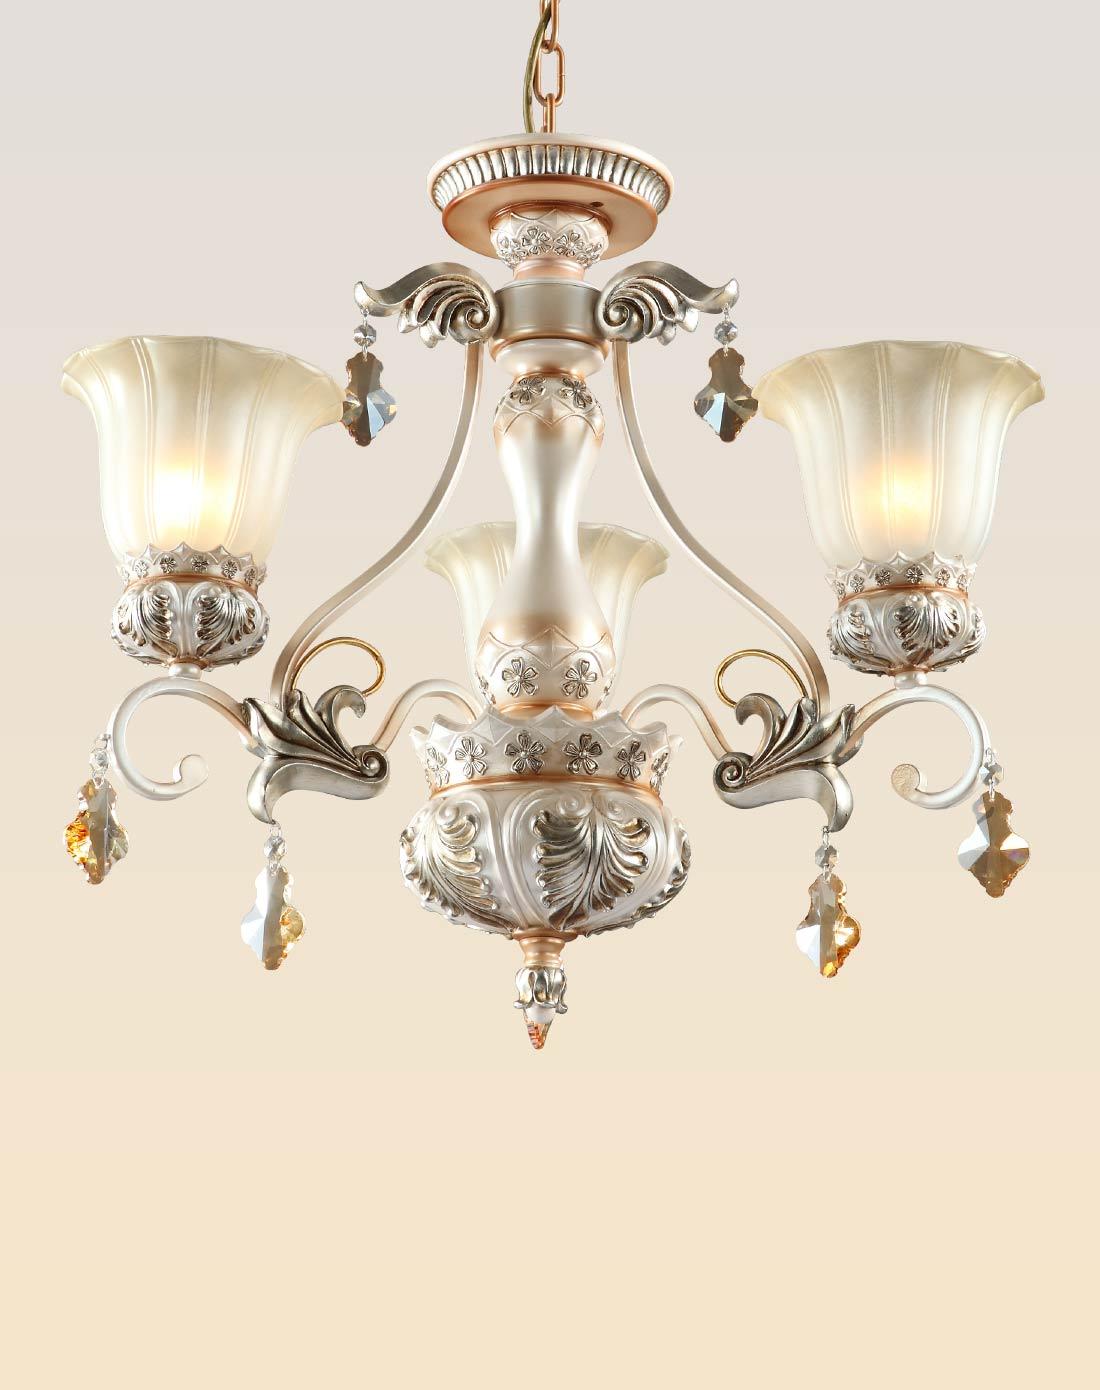 欧式餐厅吊灯具 三头饭厅水晶吊灯